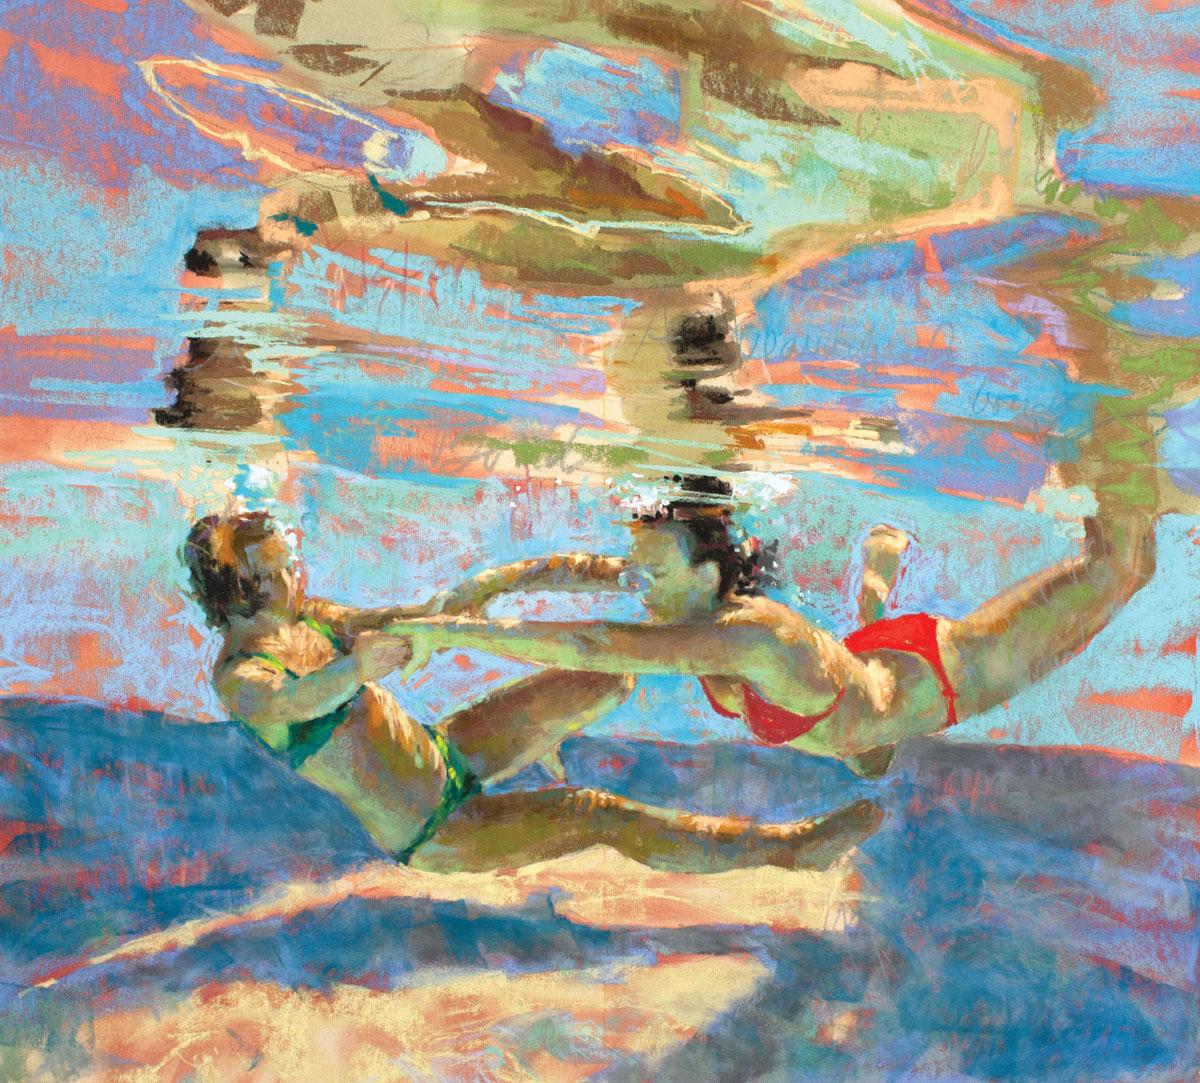 Poirier-Mozzone-underwater-scenes-Alliance-Step5-ArtistsNetwork